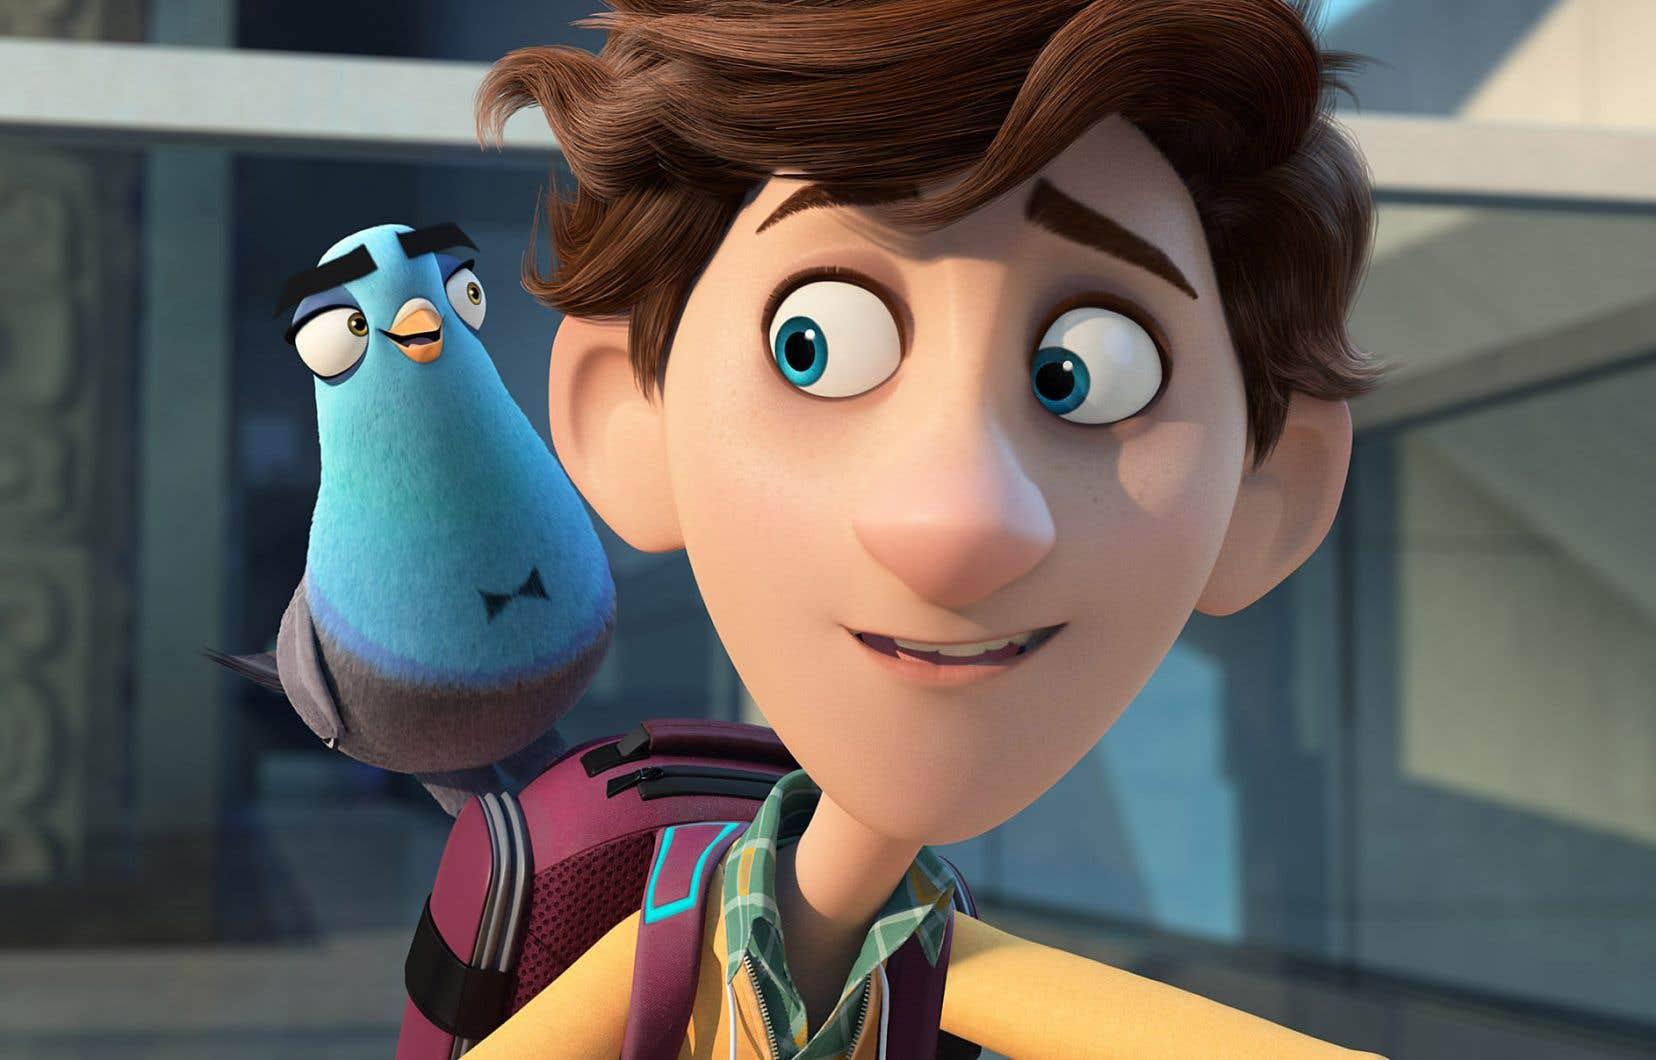 Petits et grands n'auront aucun problème à s'abandonner aux moments touchants et aux plaisanteries du film d'animation <em>Espions incognito</em>.